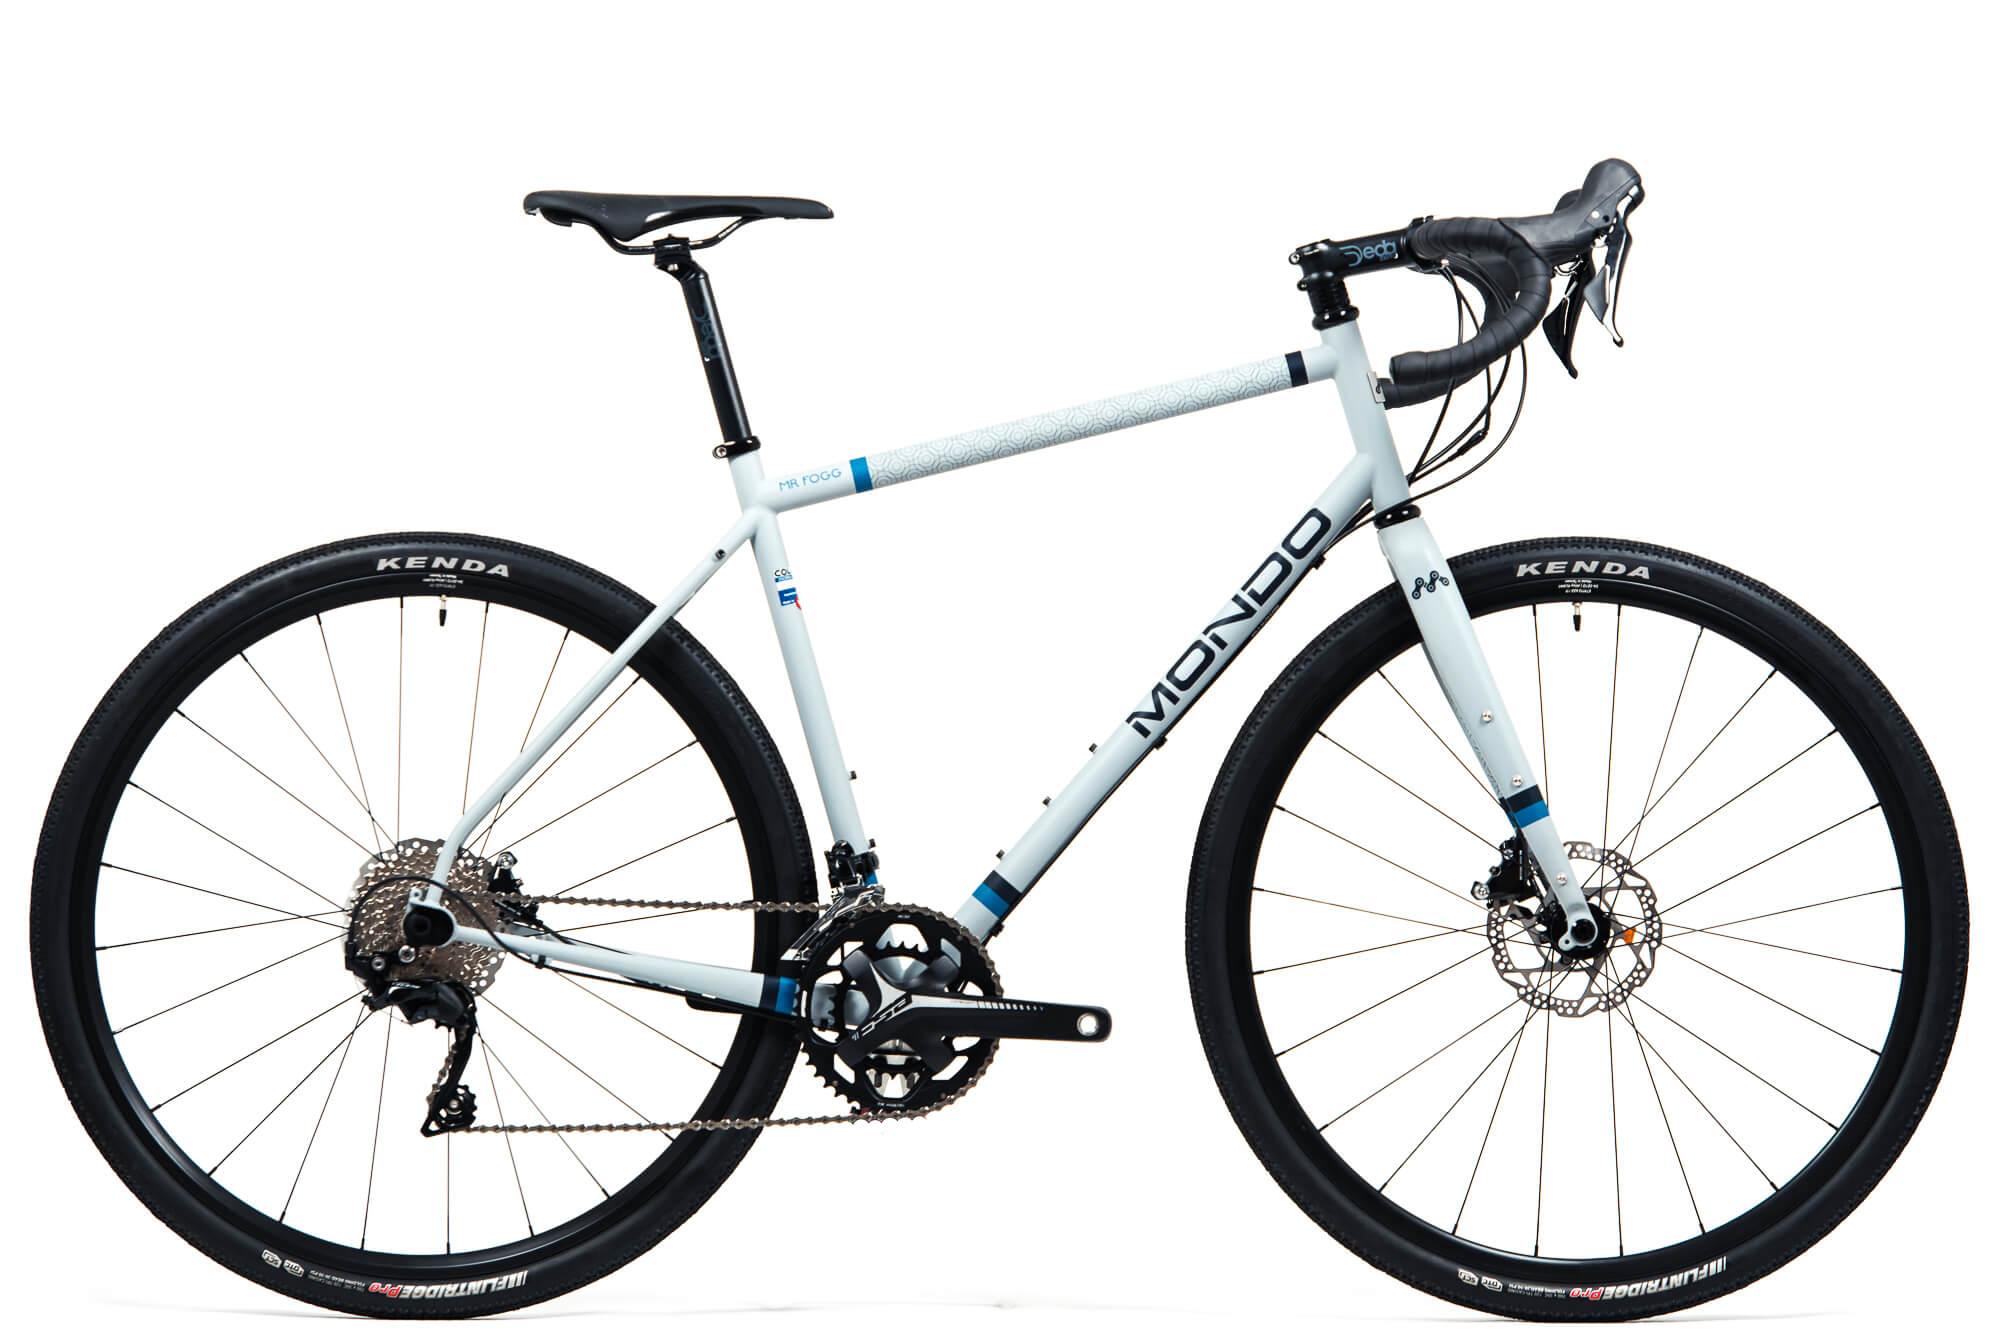 mr fogg gravel bike completa